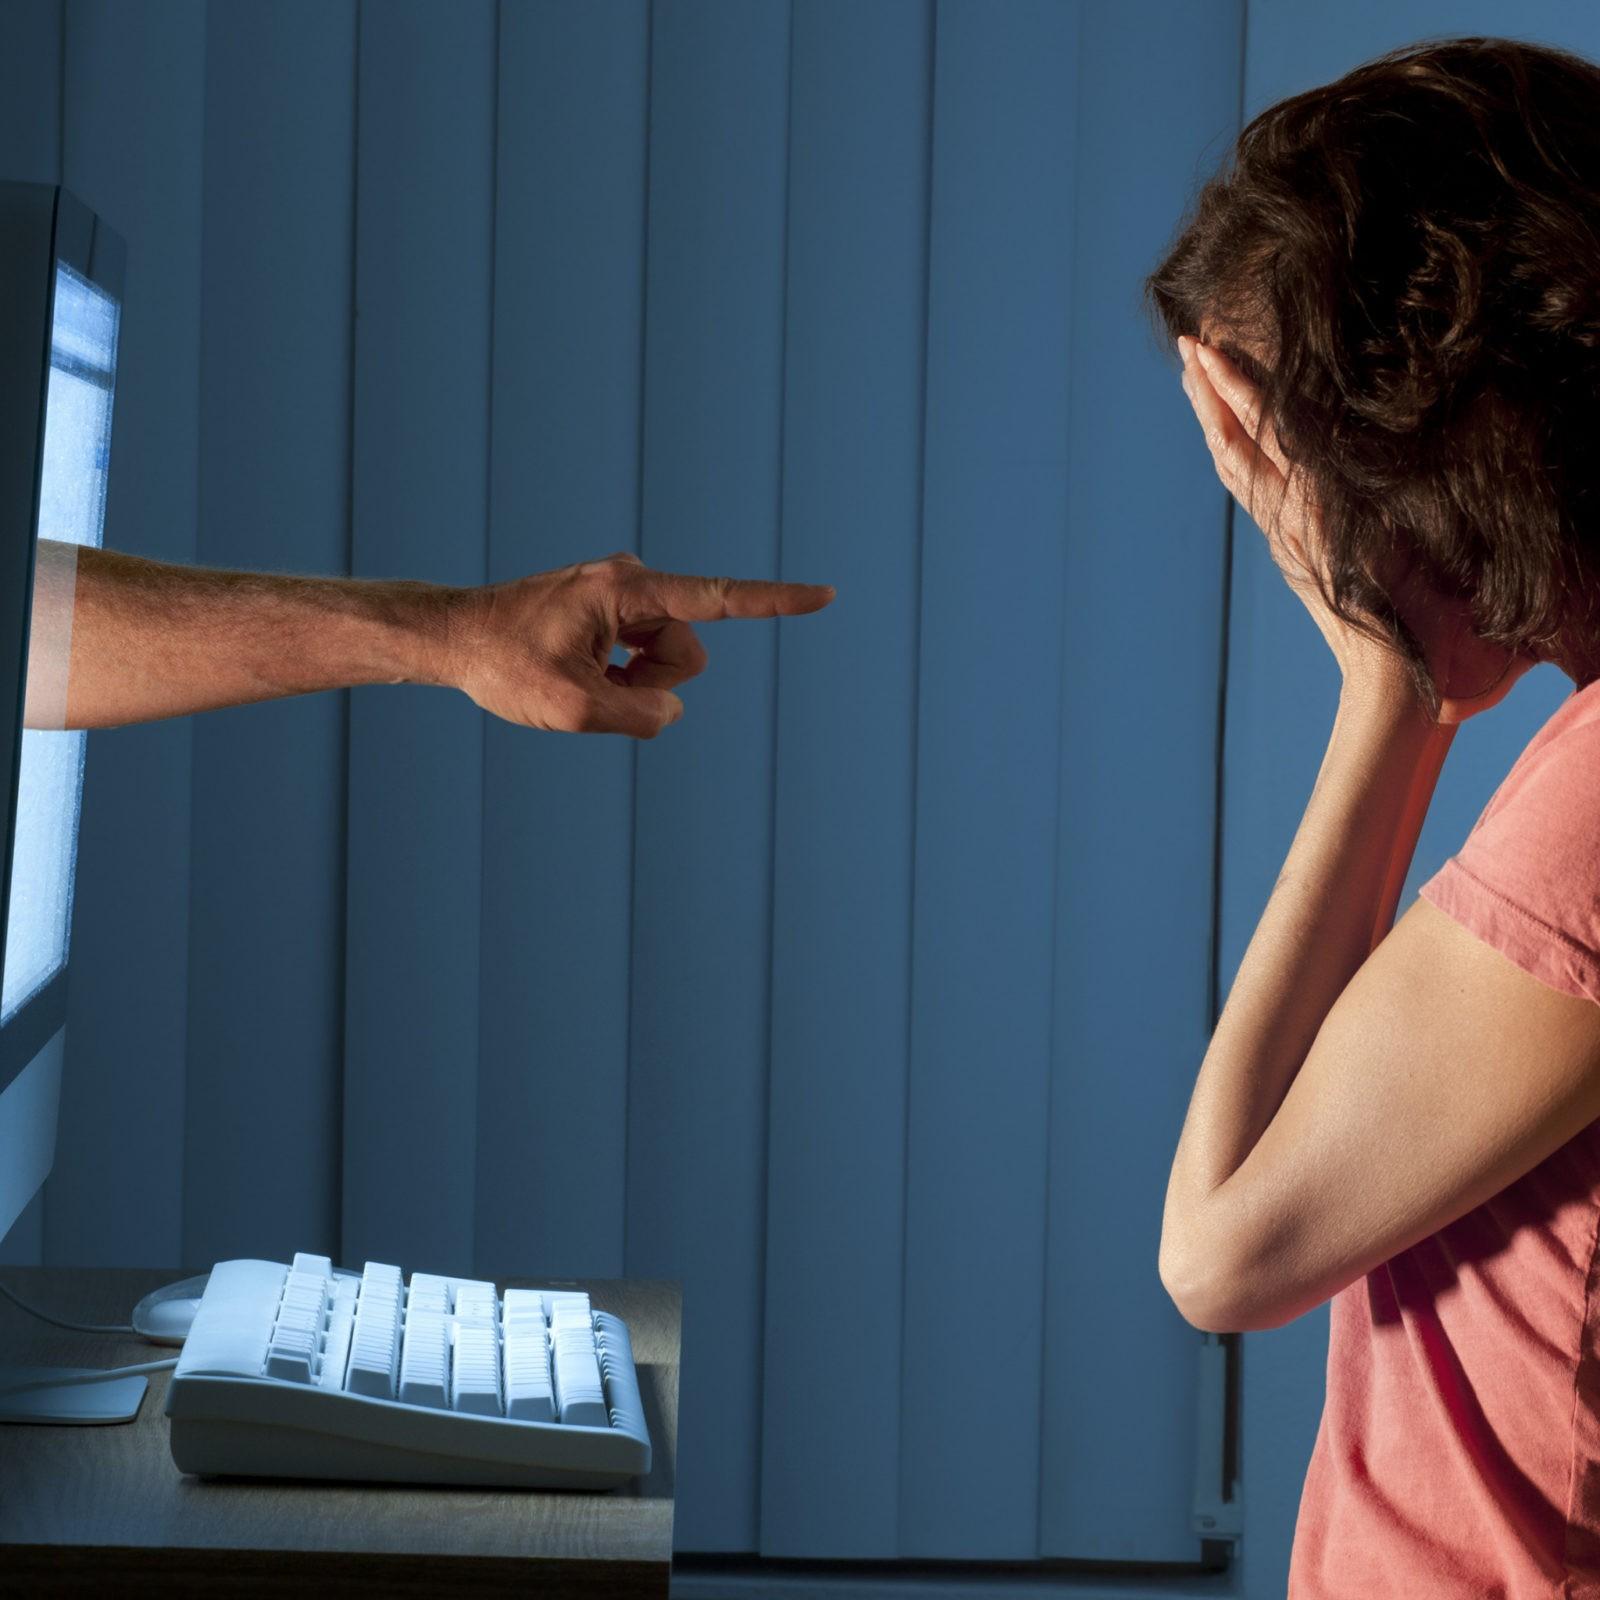 Агрессия в виртуальном пространстве или что же пытается защитить оппонент?